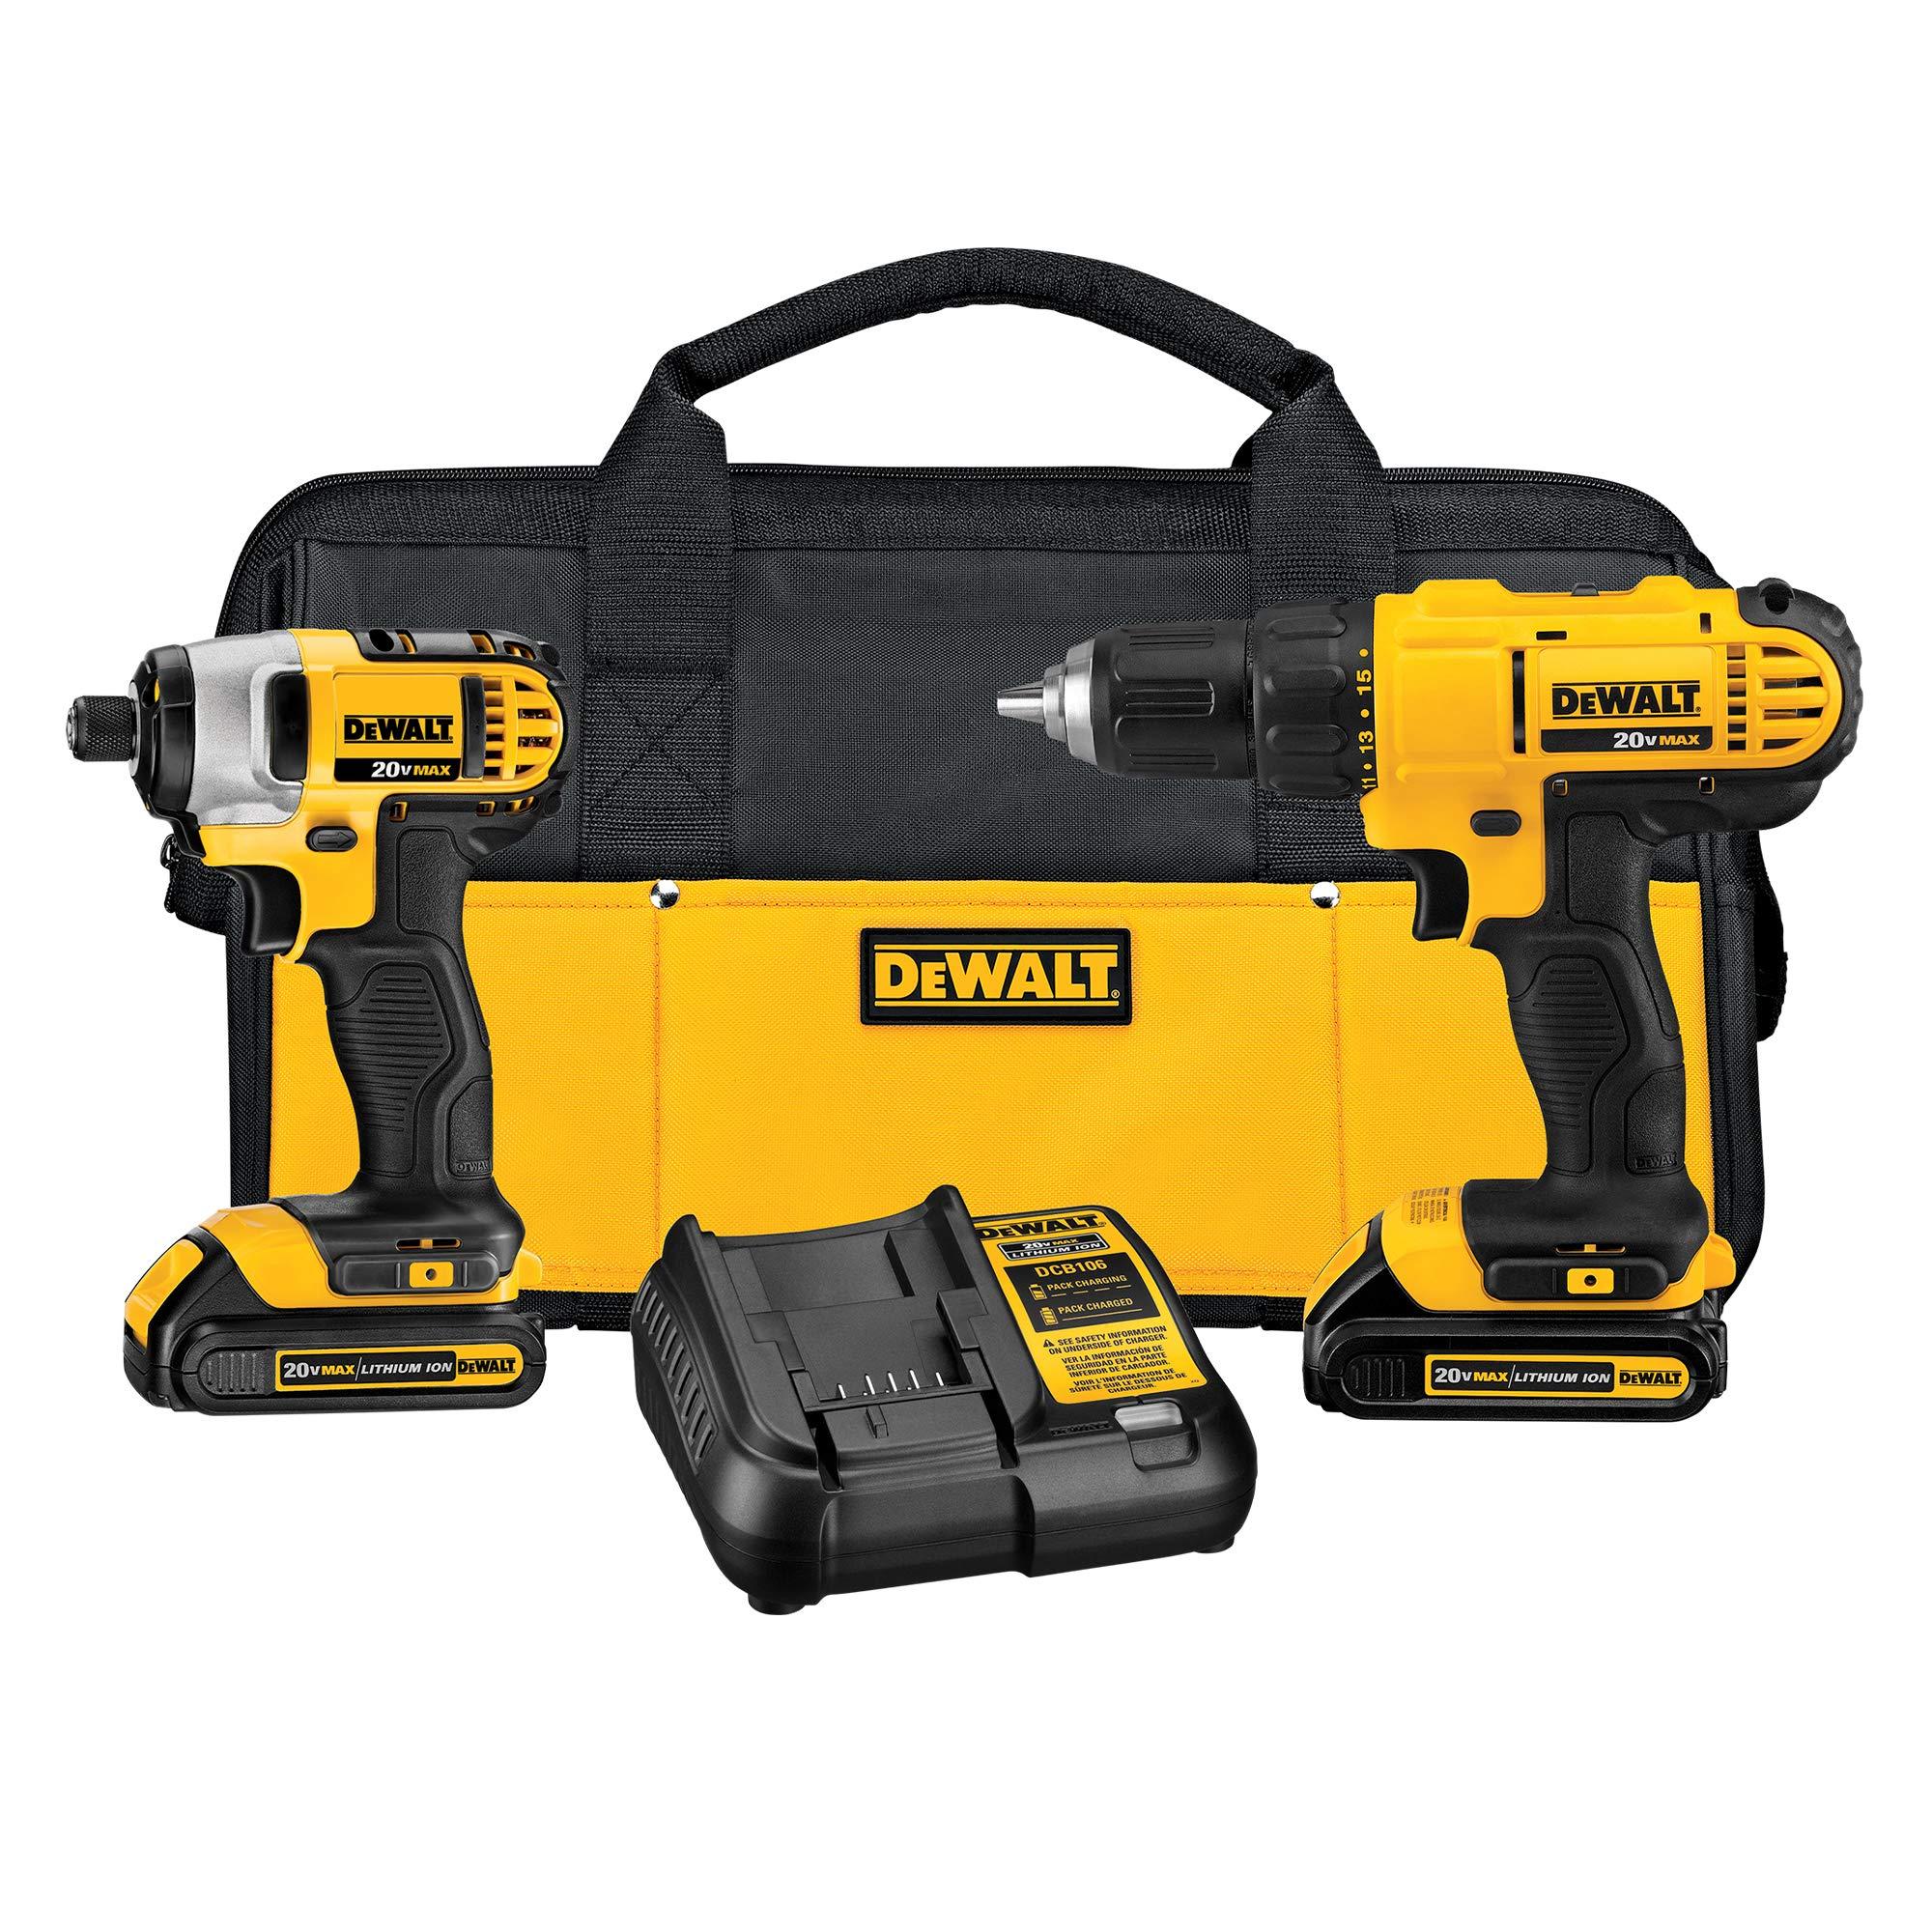 DEWALT 20V Max Cordless Drill Combo Kit, 2-Tool (DCK240C2),Yellow/Black Drill Driver/Impact Combo Kit